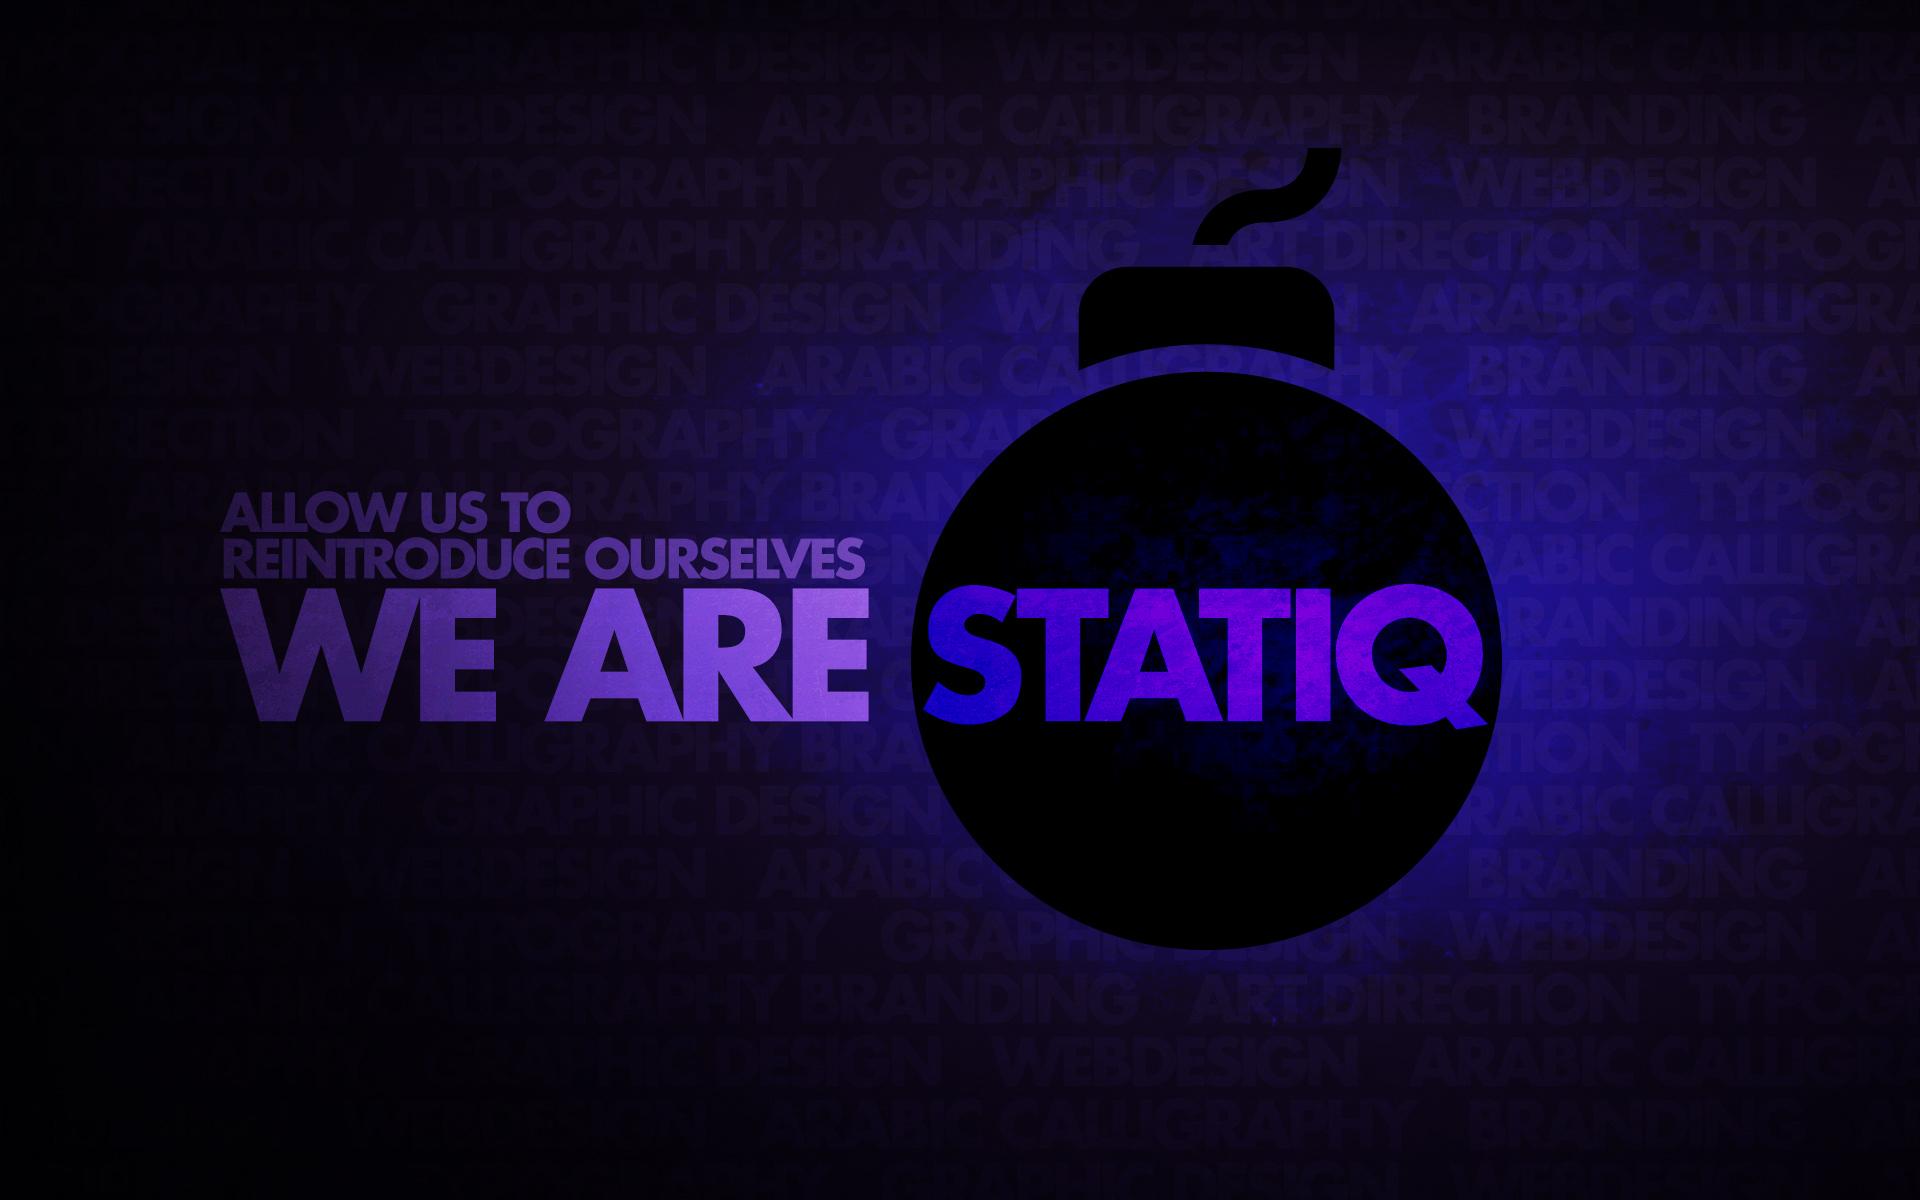 We are Statiq